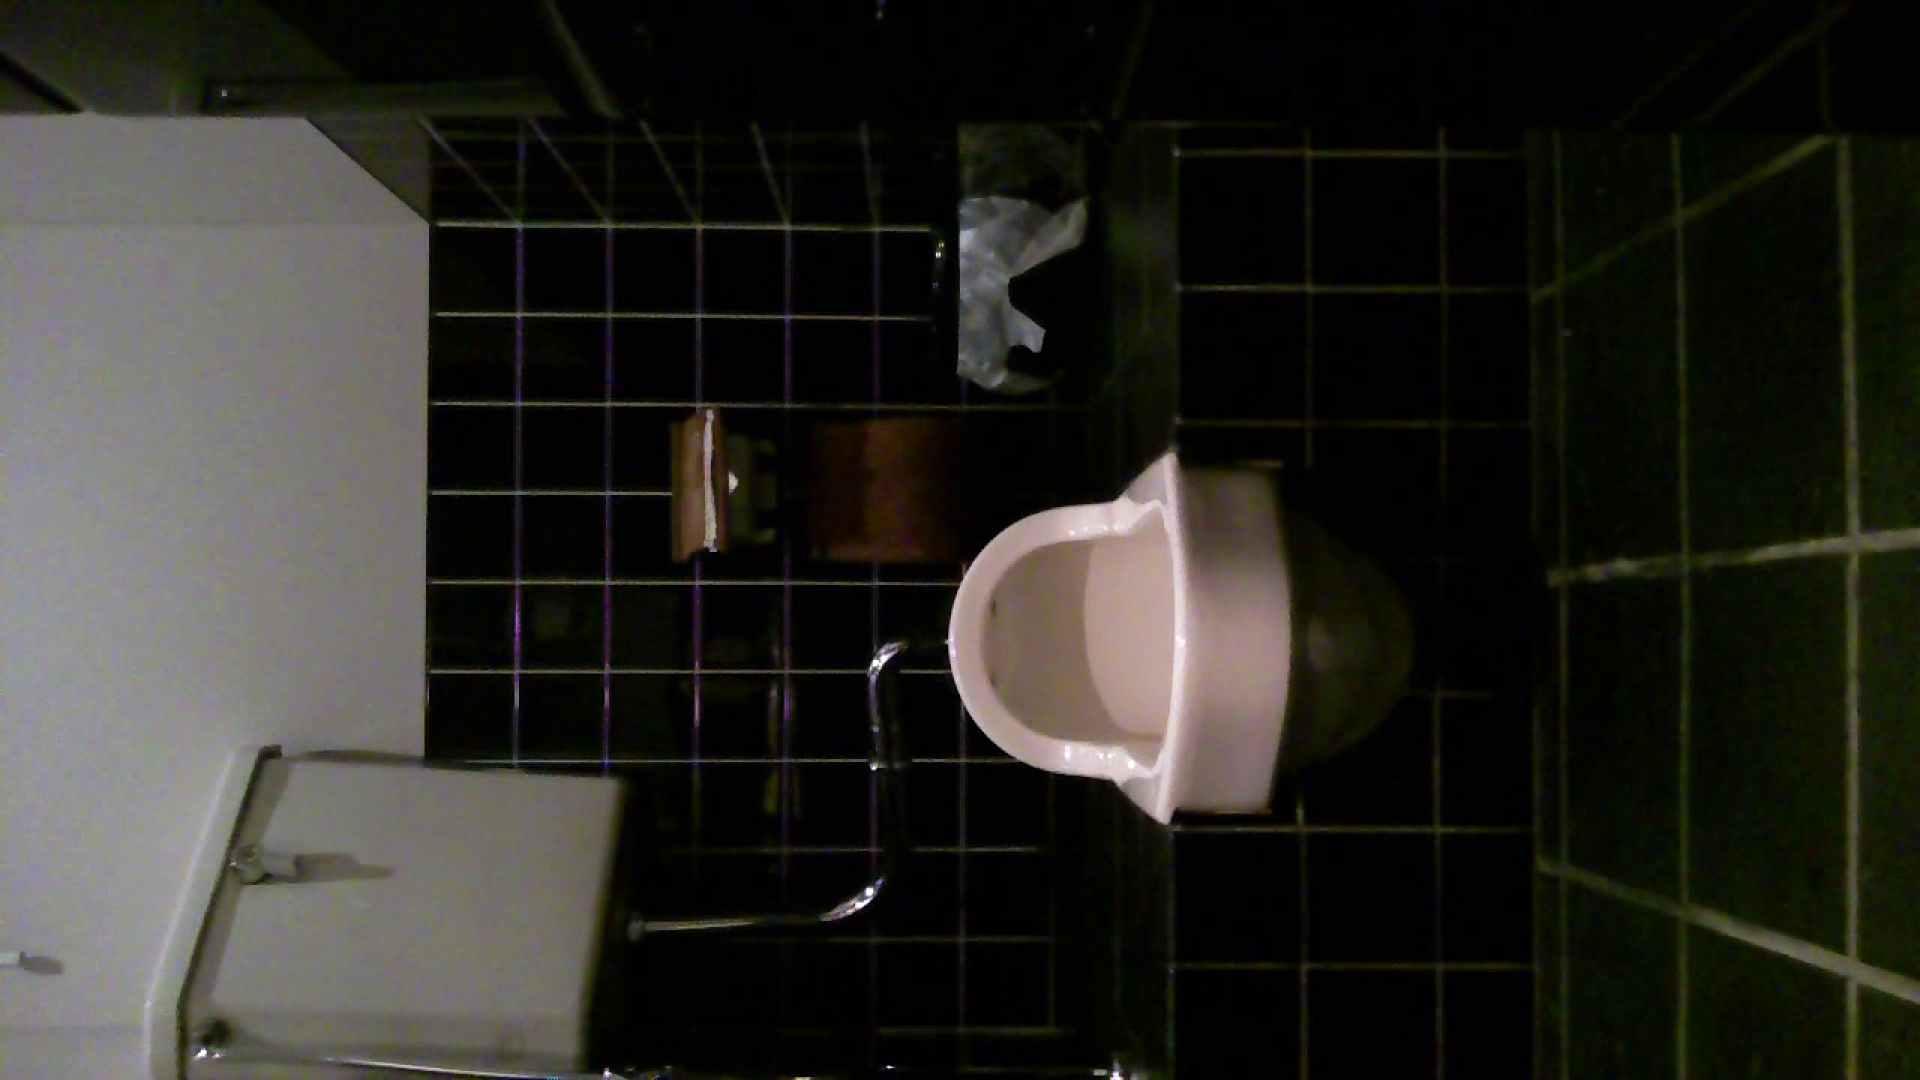 美女の集まる飲み屋洗面所 vol.02 OLエロ画像 隠し撮りAV無料 99PICs 22